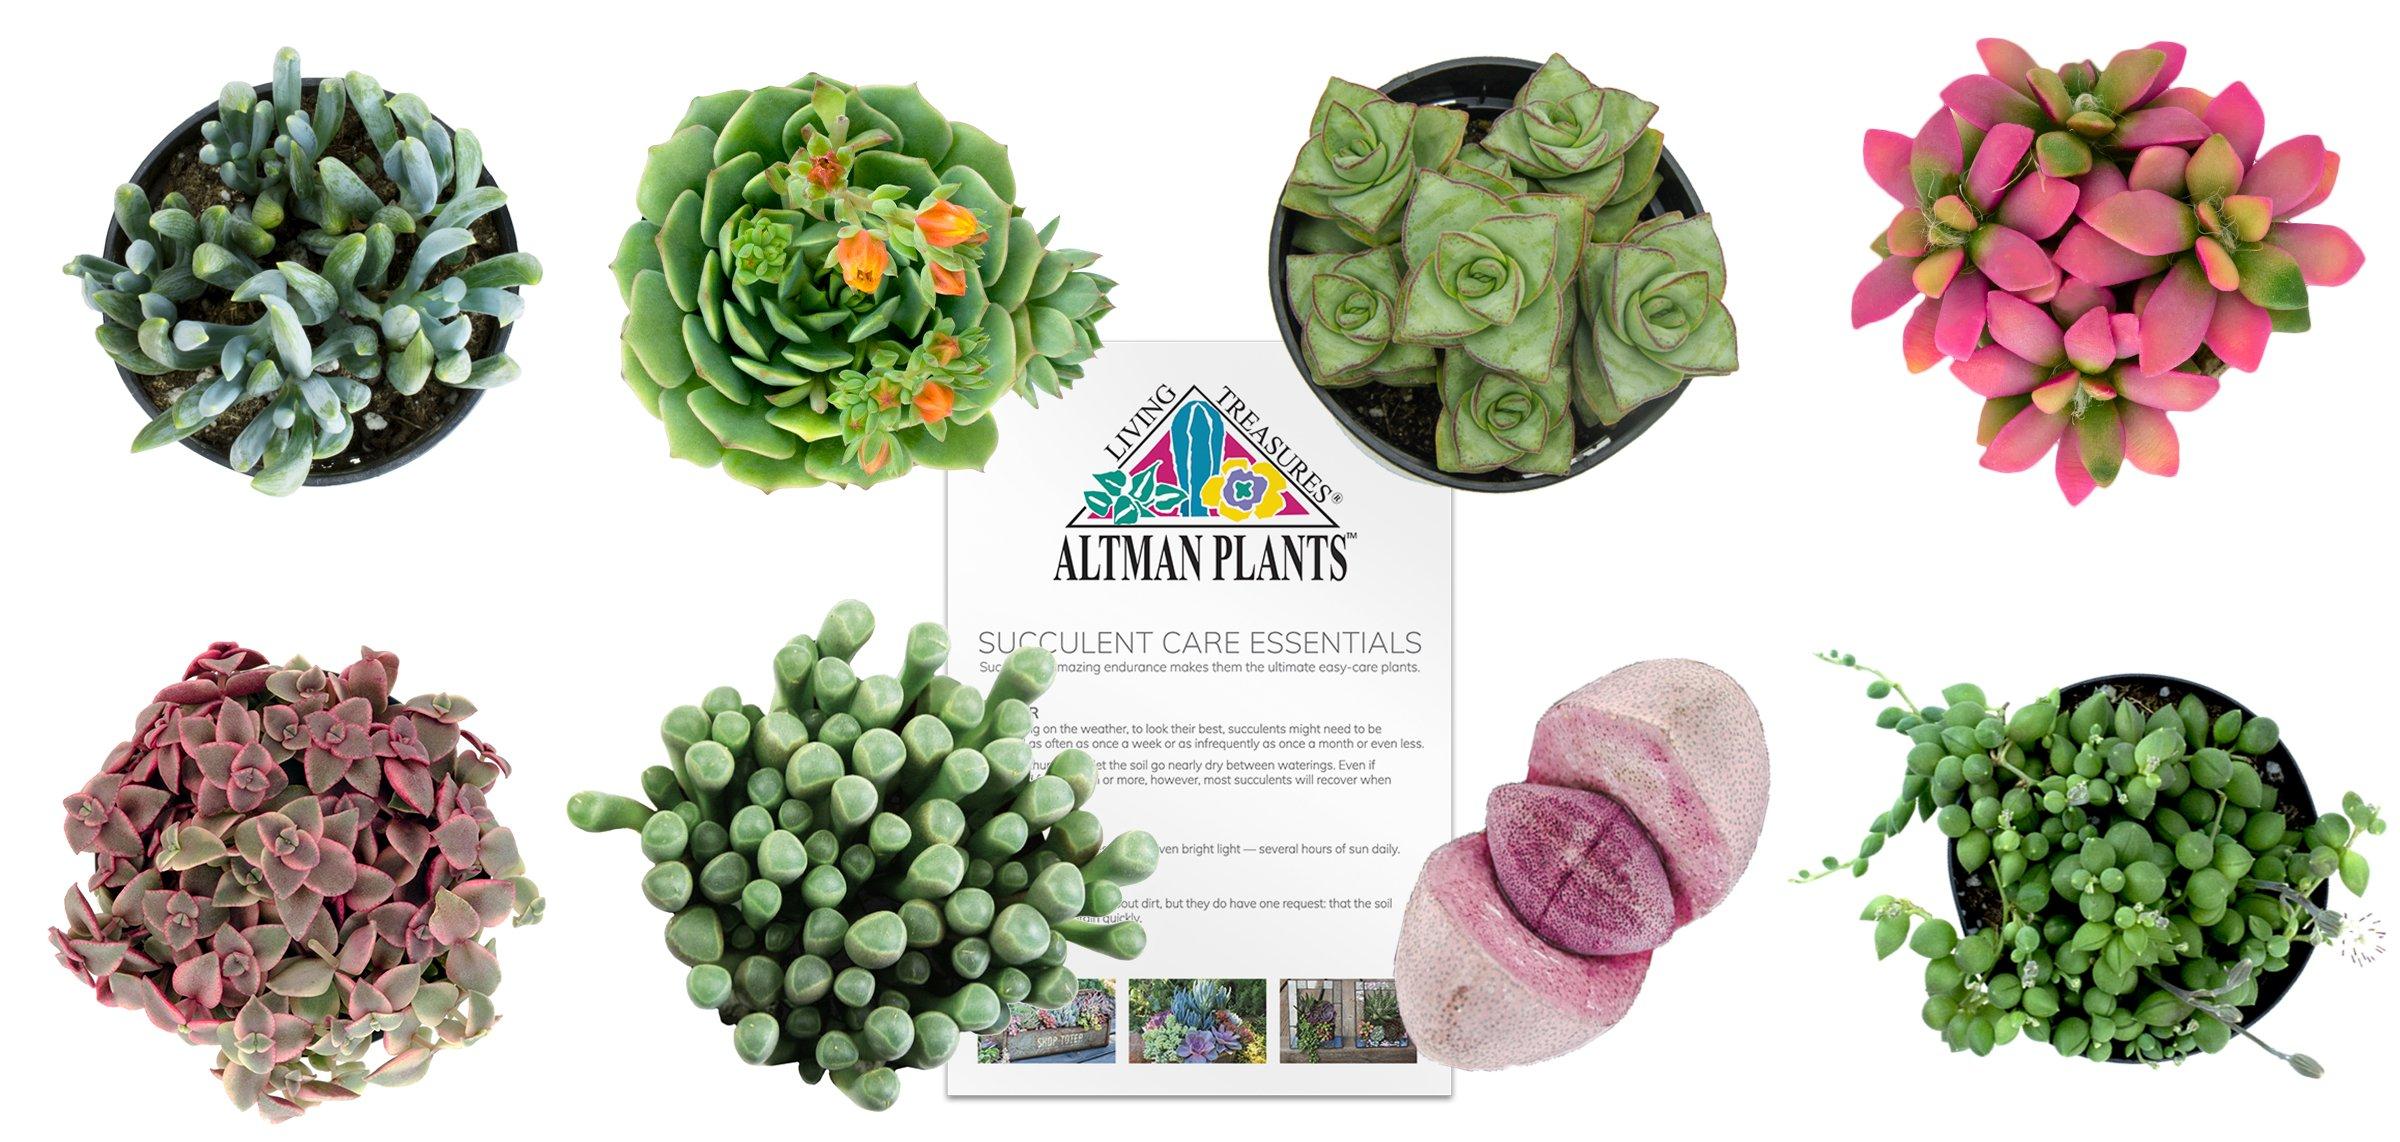 Altman Plants Succulents Fairy Garden Collection 8 Pack, 2.5''